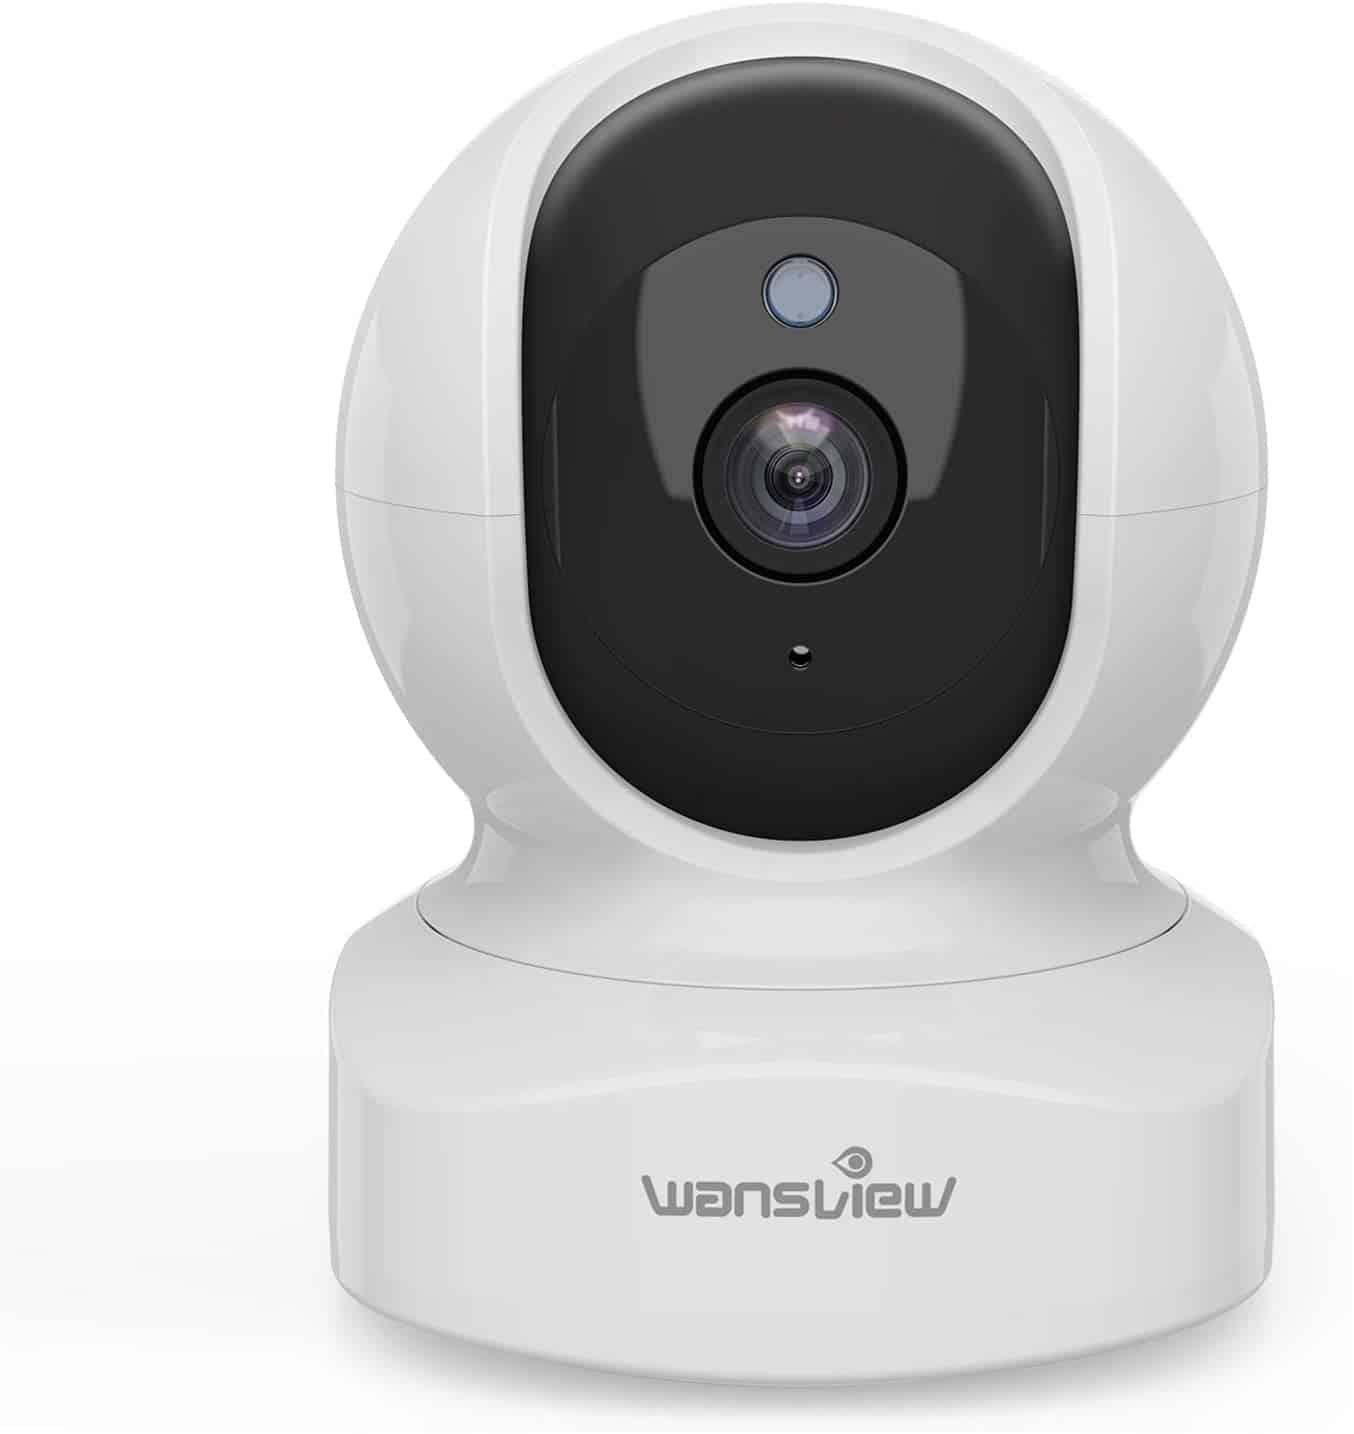 Camera de surveillance - innovation pour sécuriser la maison